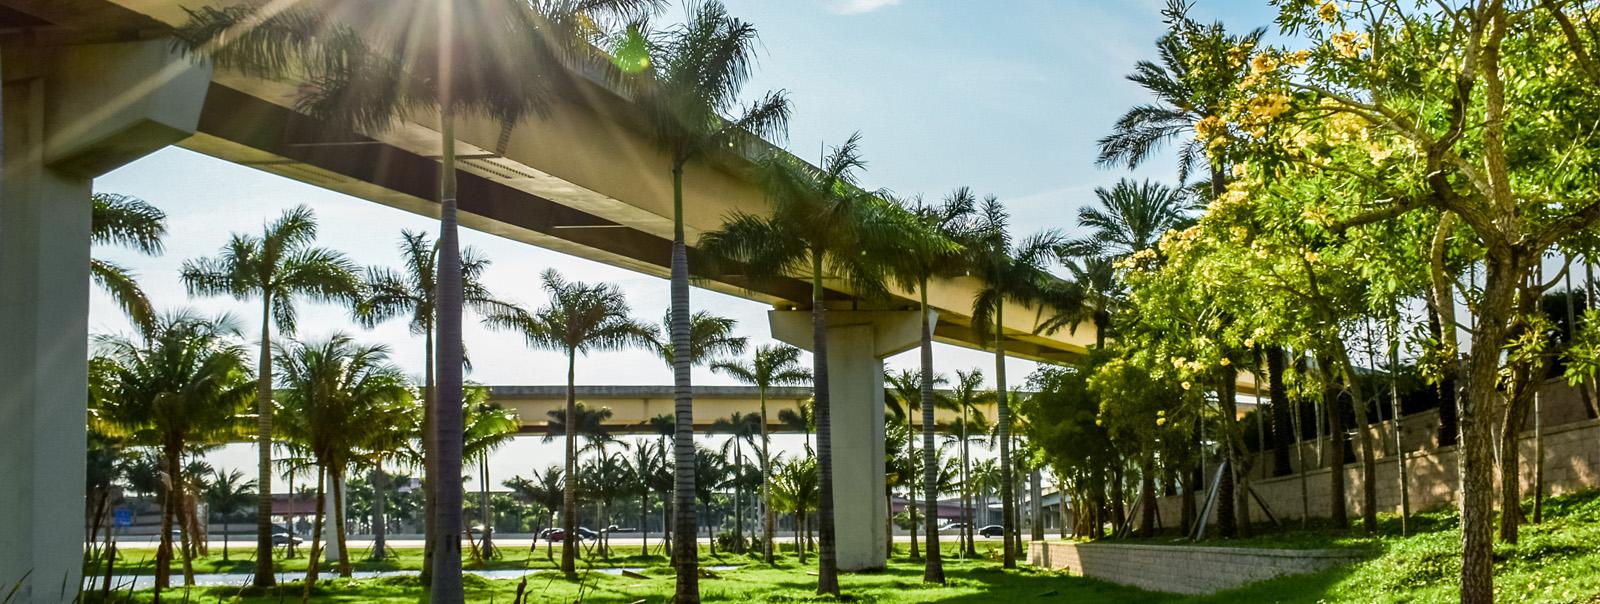 scenic-florida-bridge